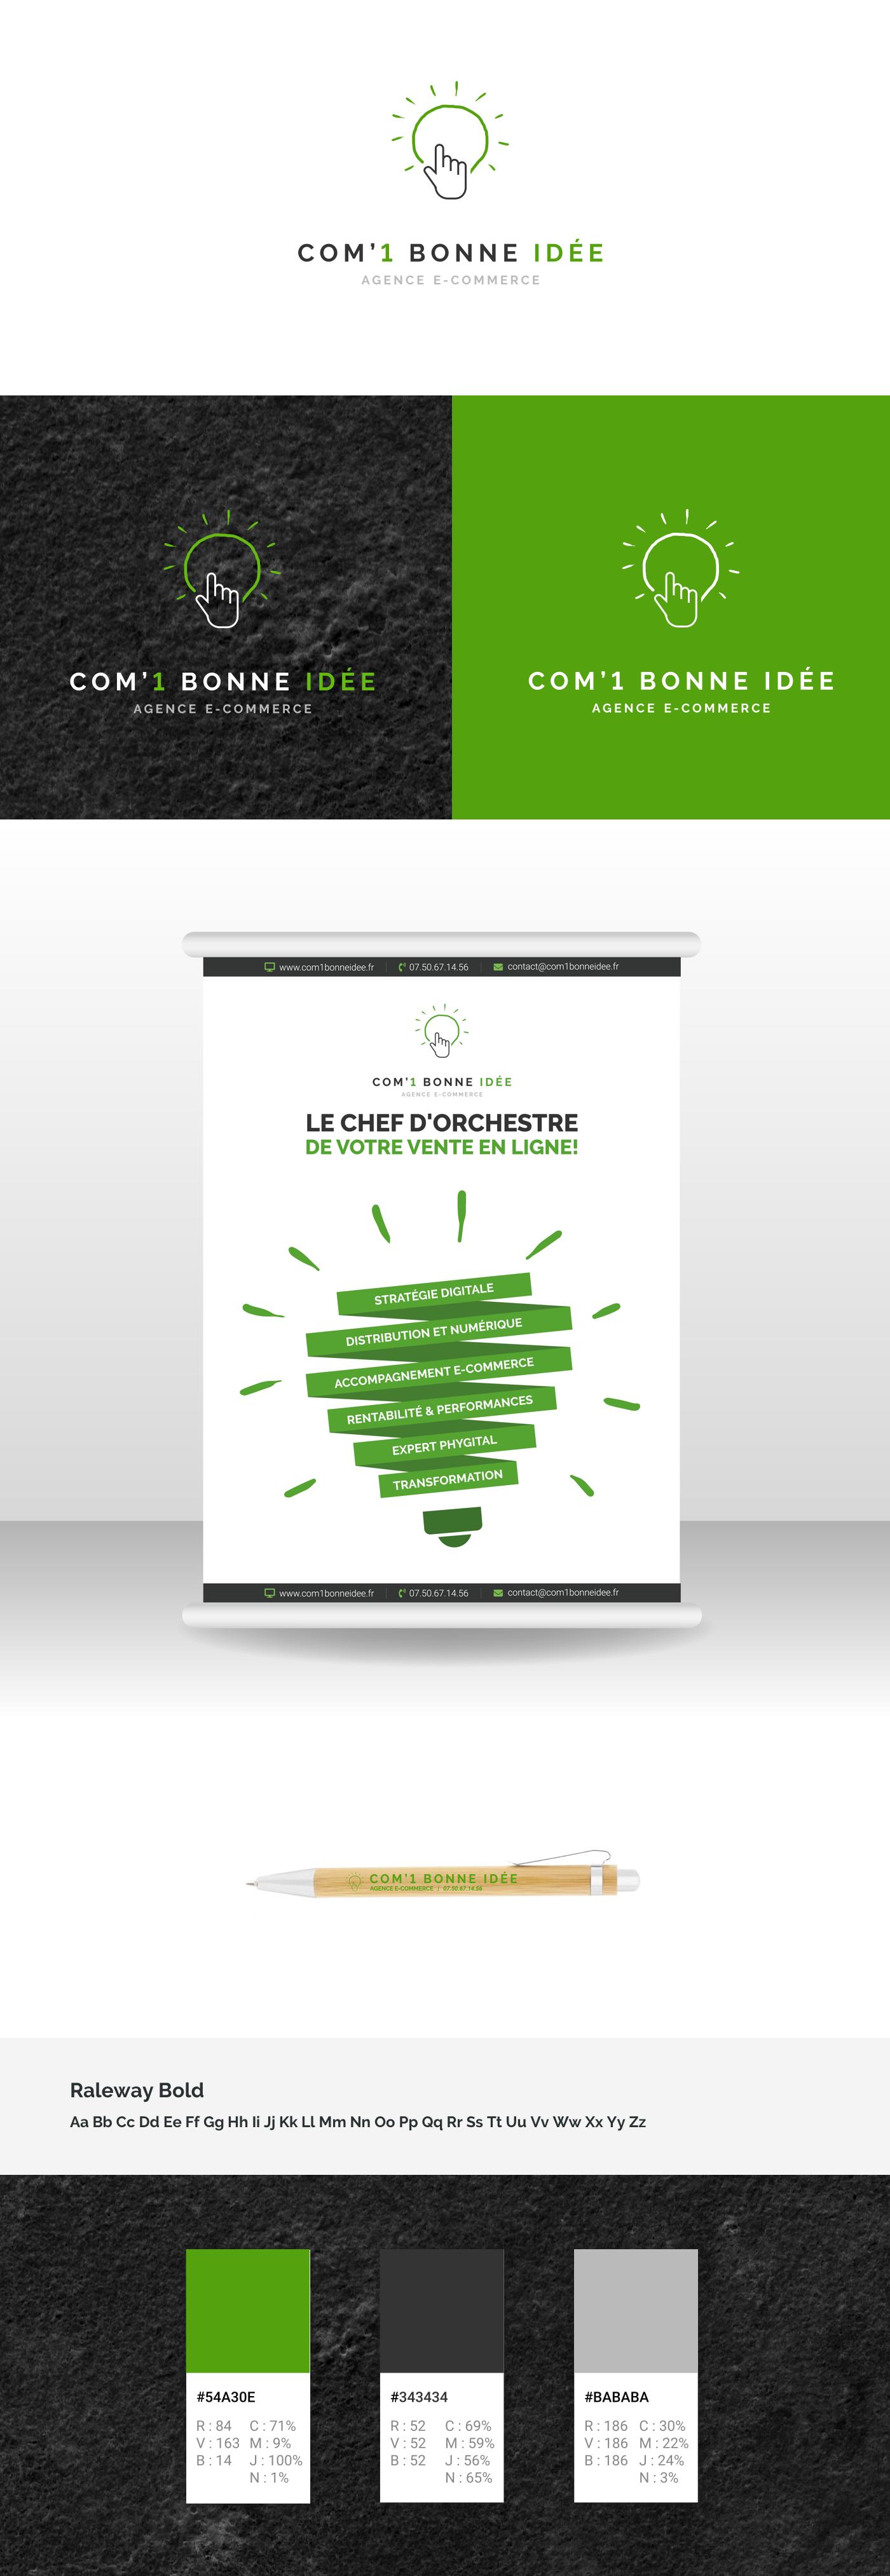 Logo PLV Com 1 bonne idée